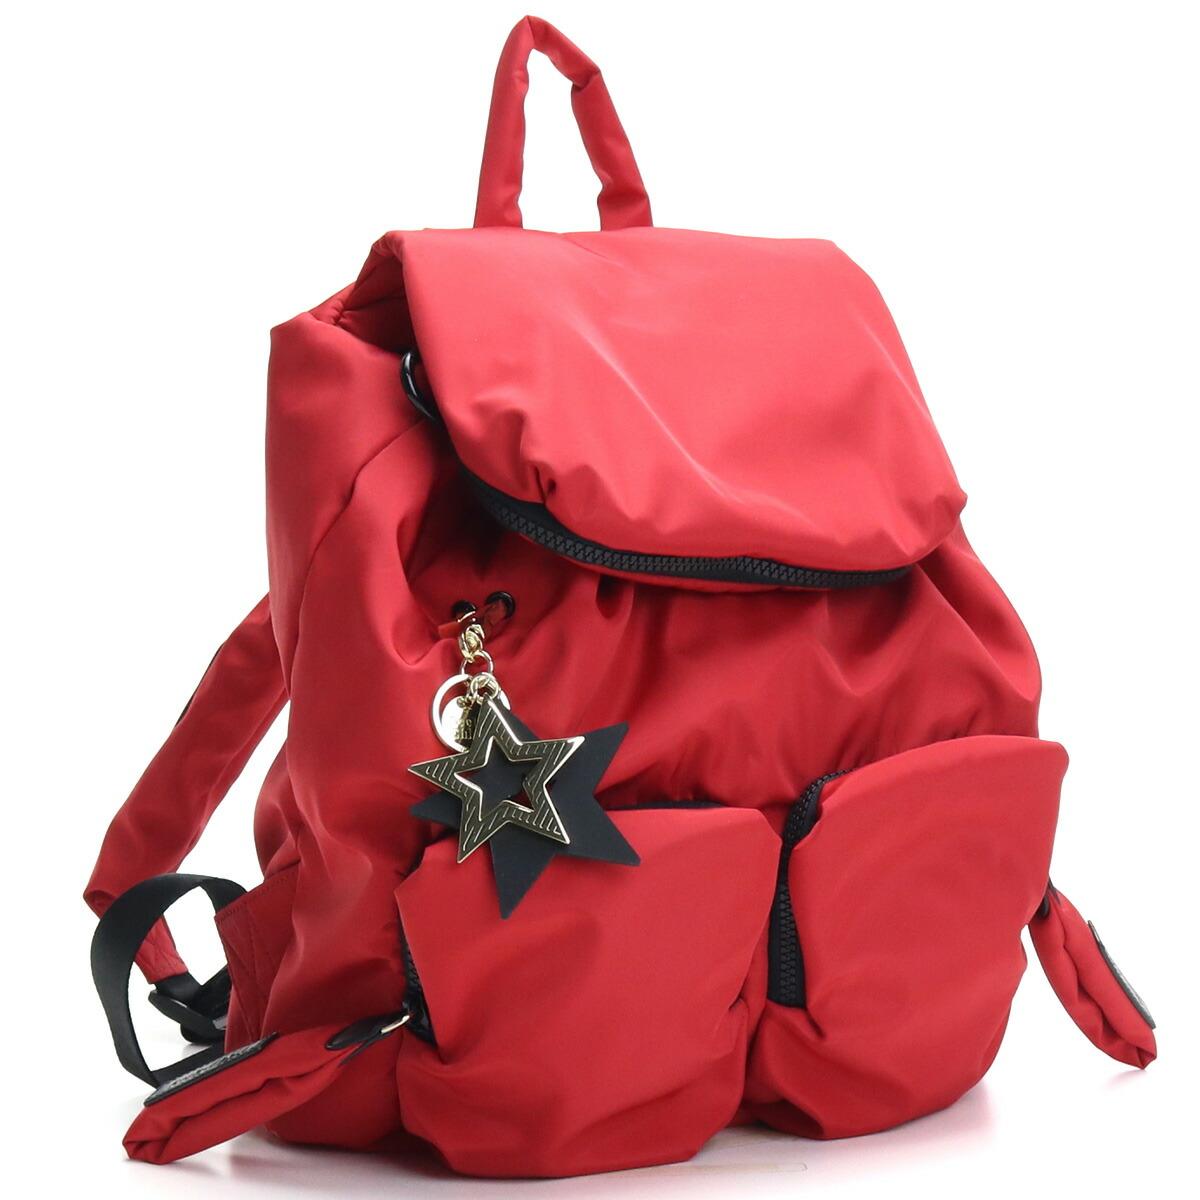 シーバイクロエ SEE BY CHLOE リュック ママバッグ CHS16SS840140 636 RED FLAME レッド系 レディース